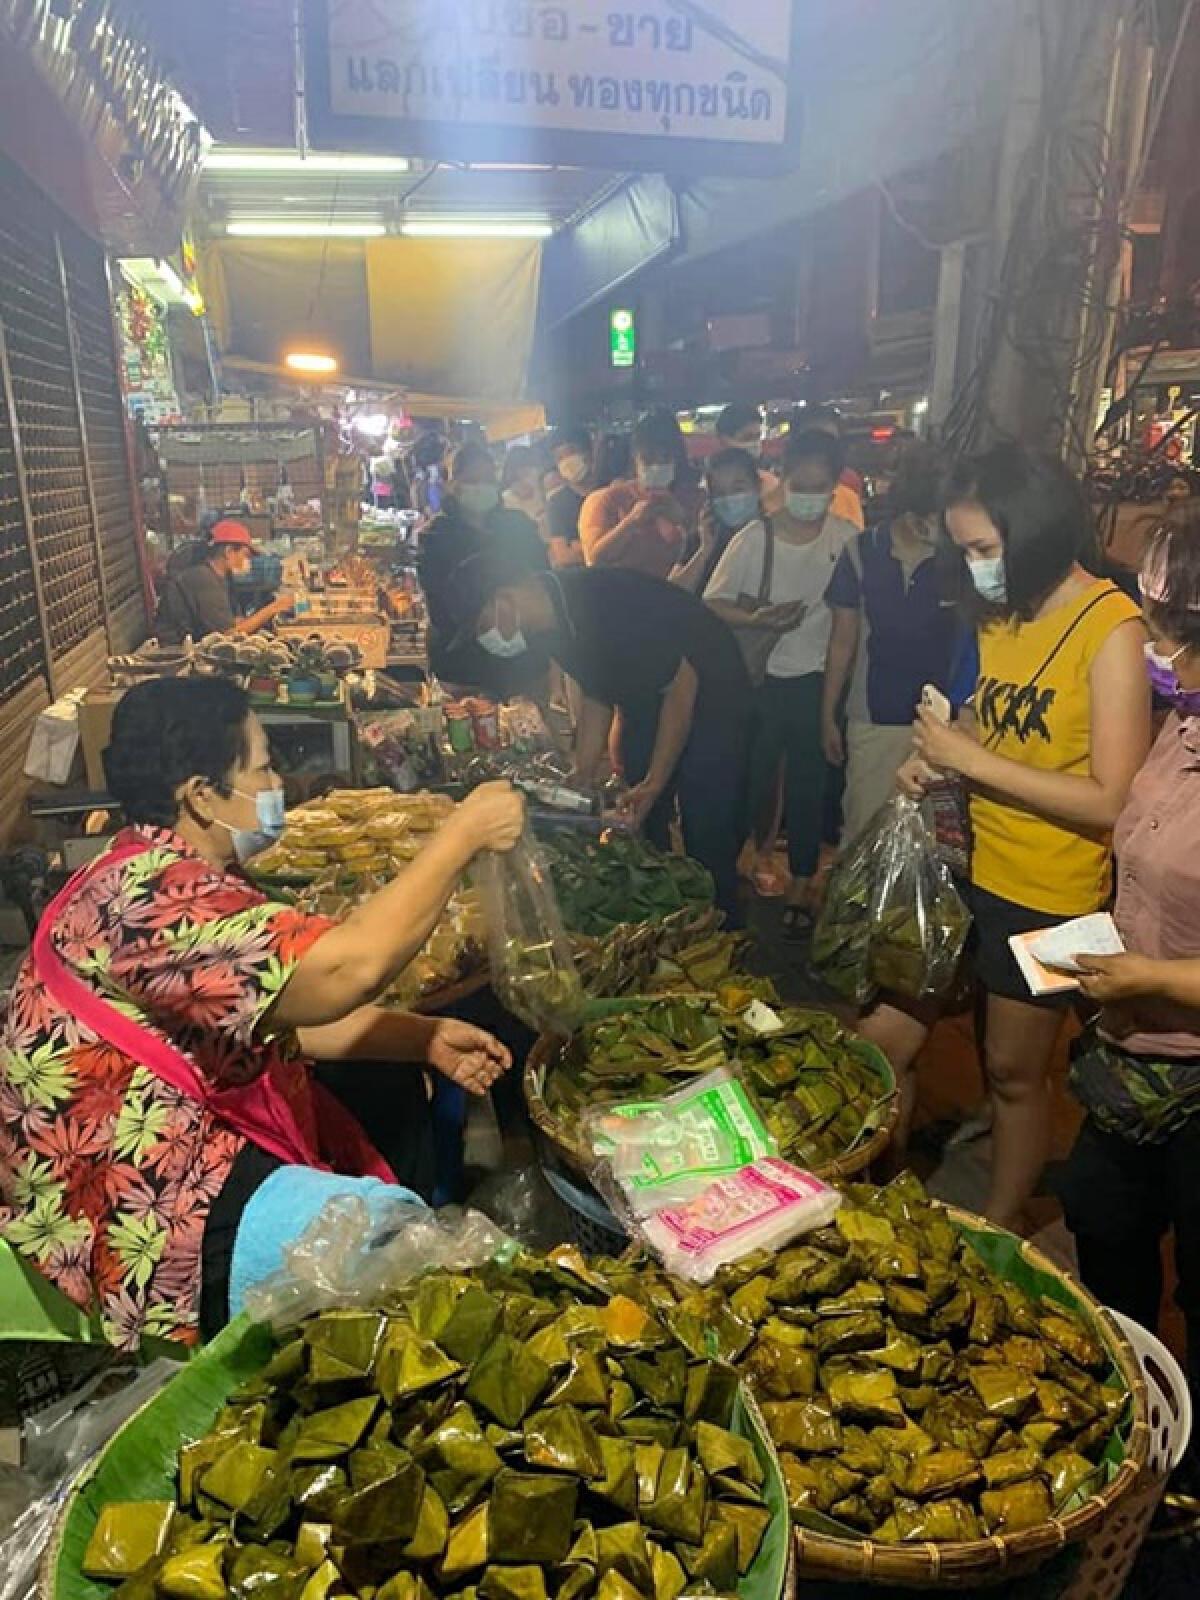 ชาวชลบุรีเข้าคิวต่อแถวยาวเป็นกิโล รอซื้อข้าวต้มมัด-ขนมเทียน ของคุณยาย